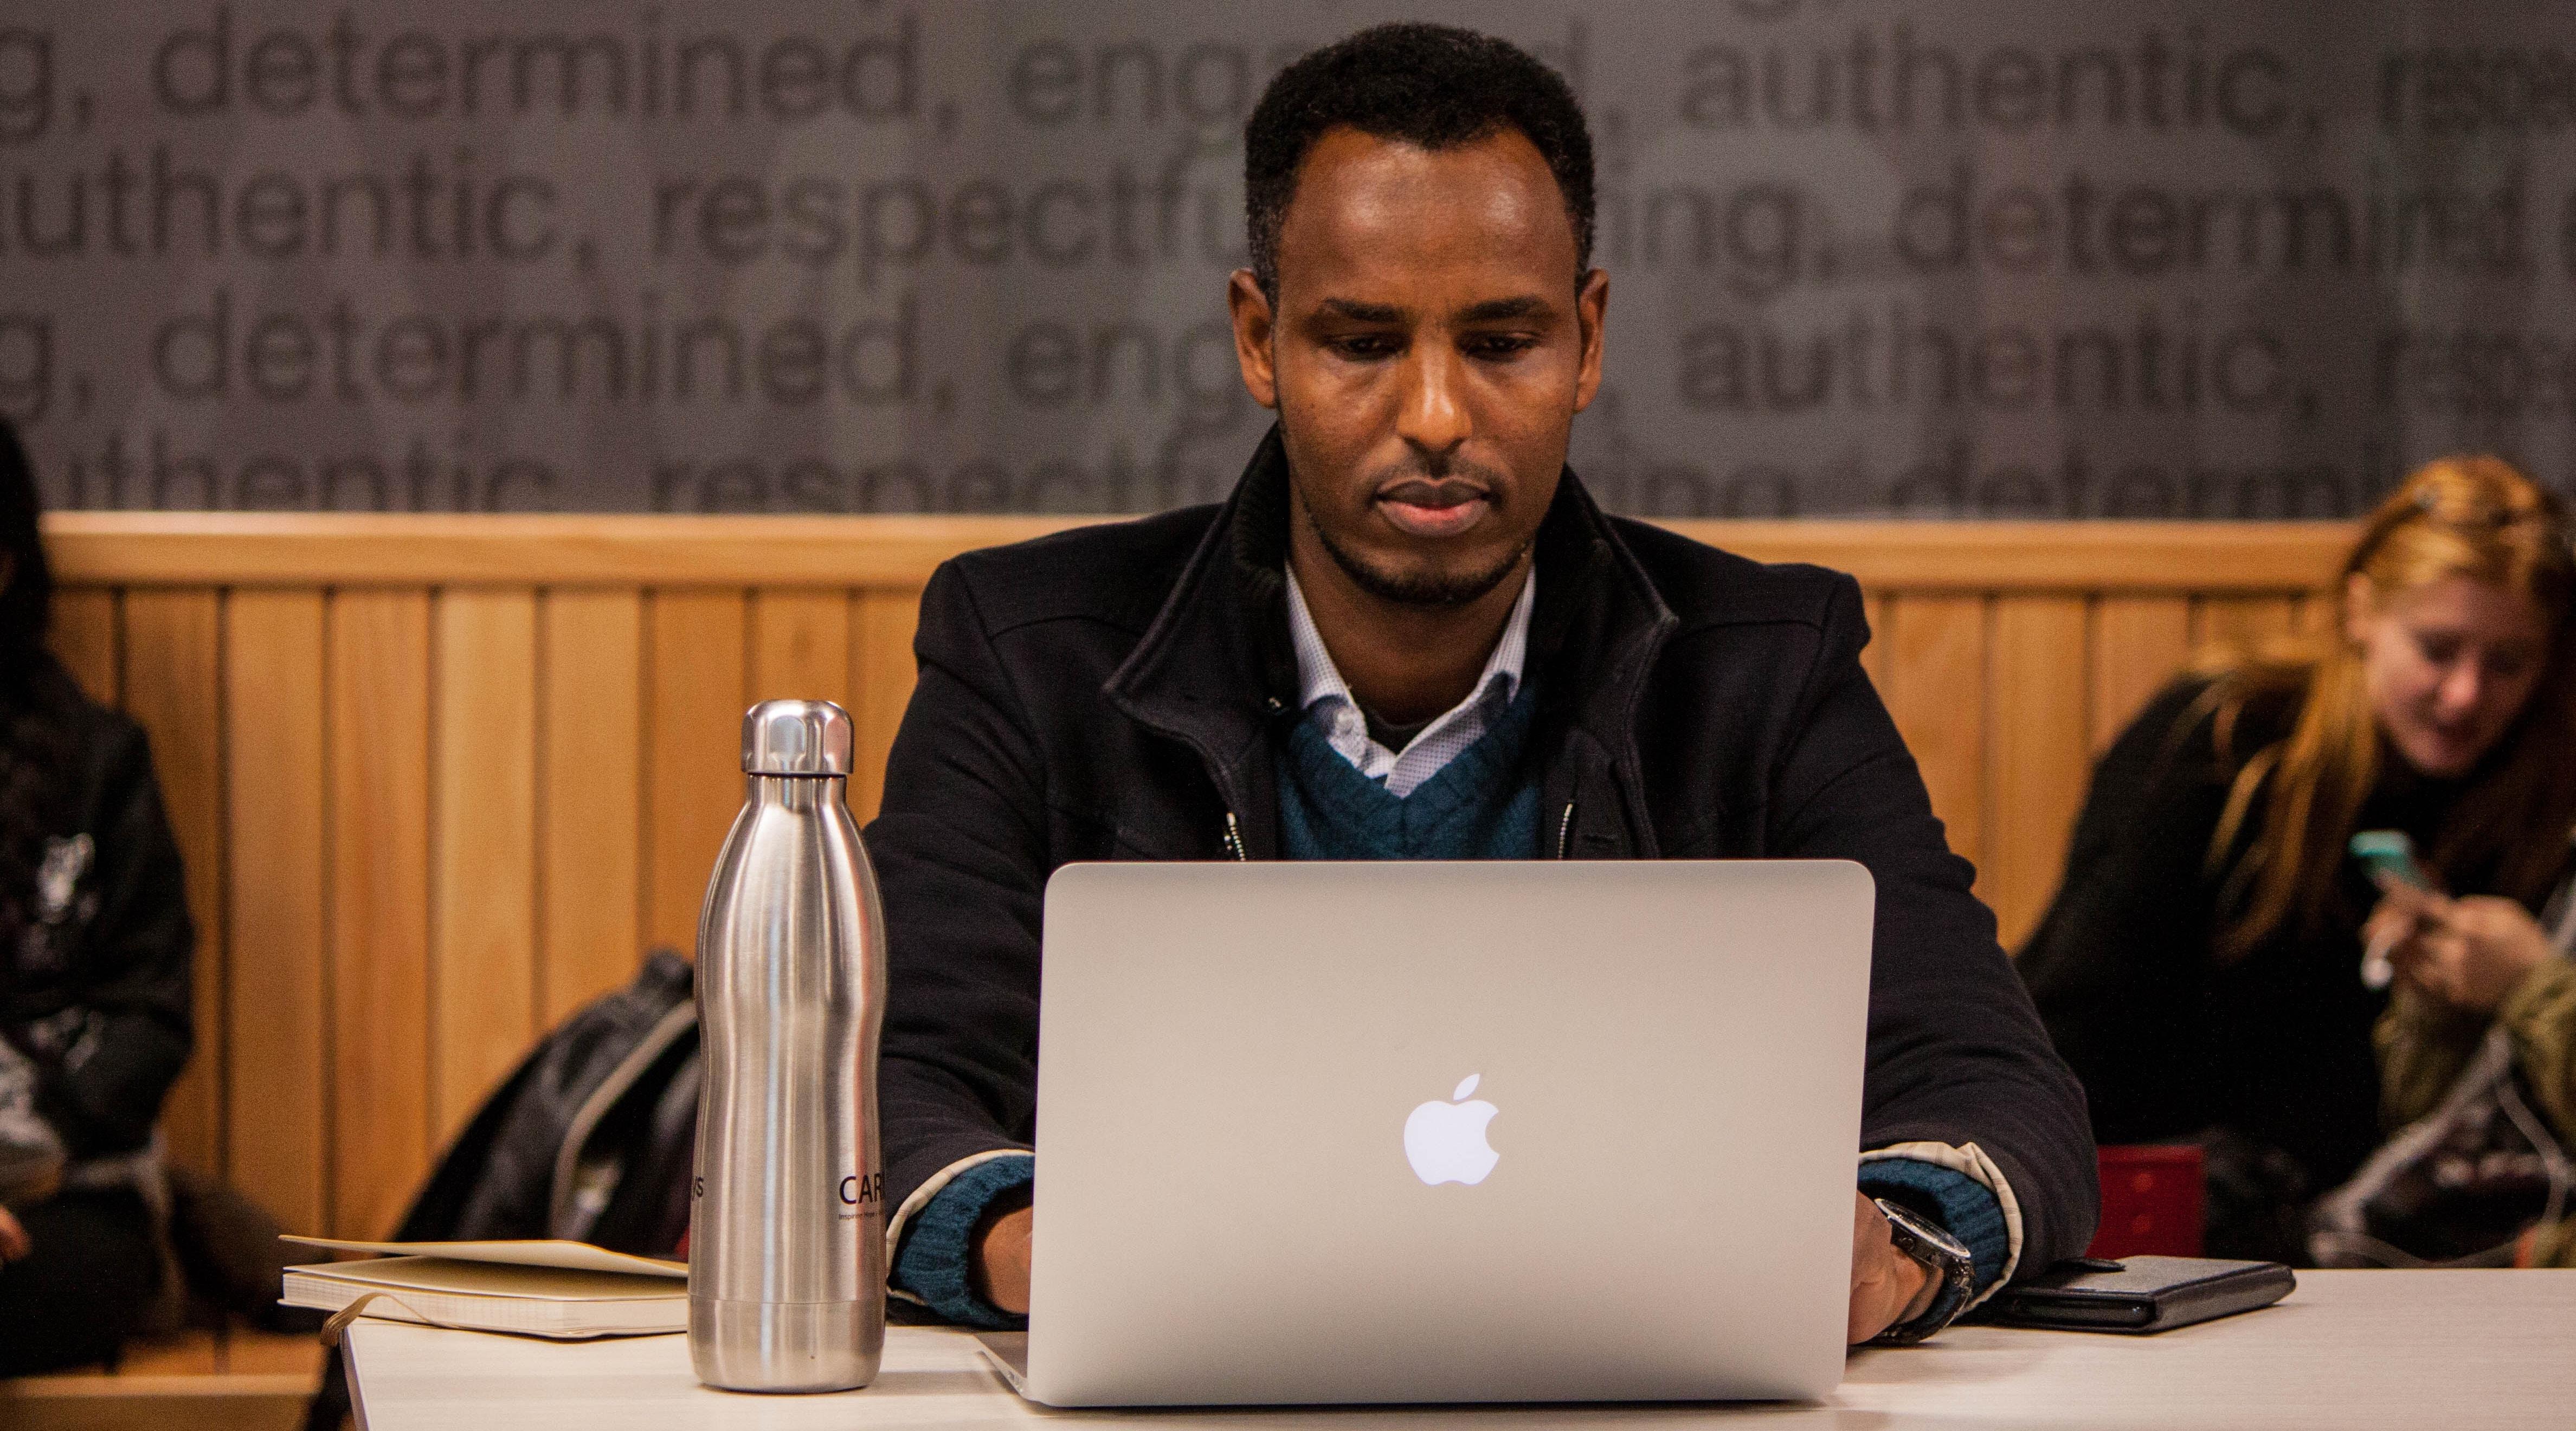 """Diversity in Tech, man programming on laptop - Photo by Trust """"Tru"""" Katsande on Unsplash"""